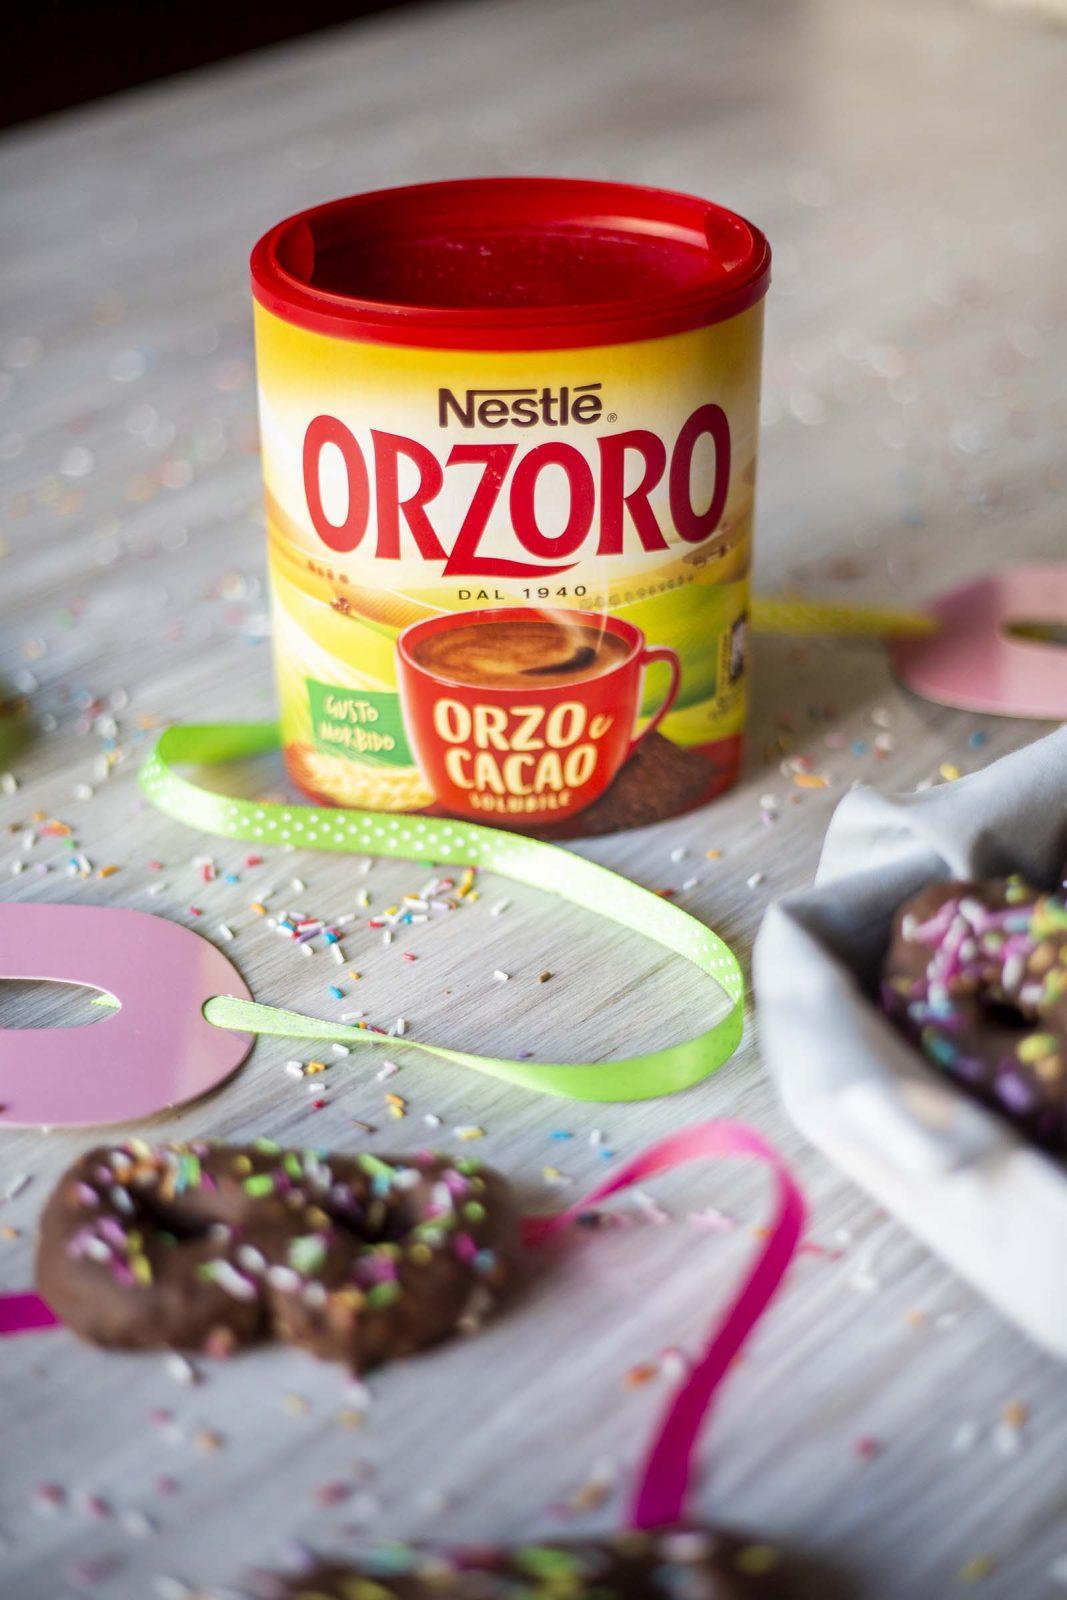 MASCHERINE DI CARNEVALE con Orzoro Orzo e Cacao